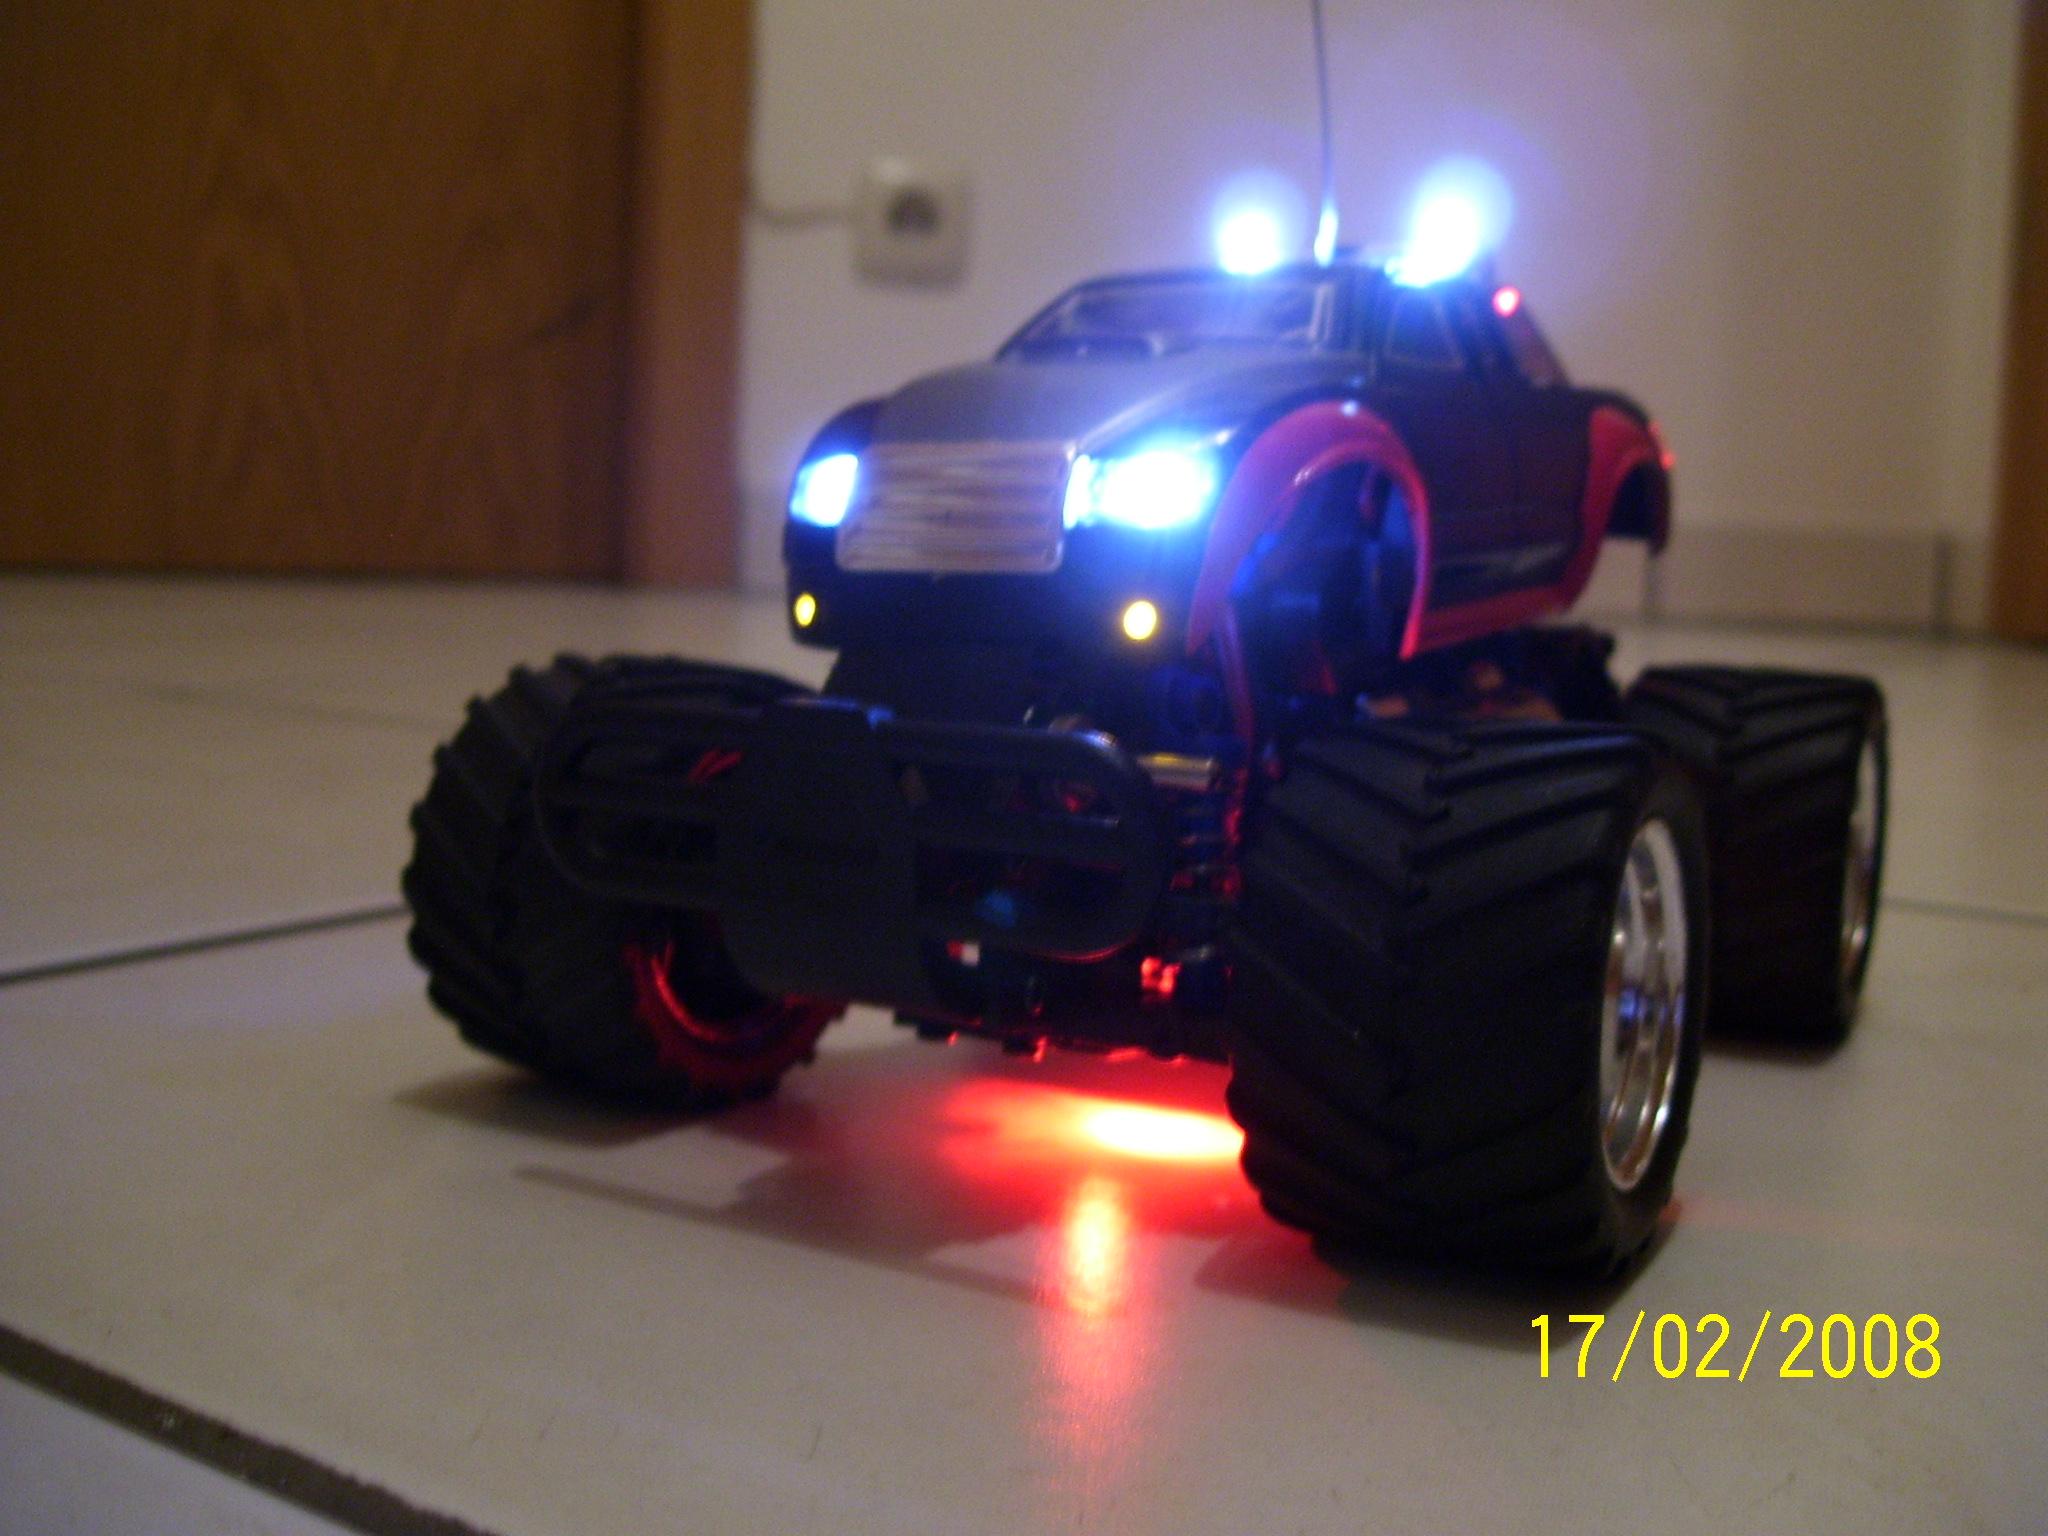 Auto Led Beleuchtung   Auto Led Beleuchtung 8 Er Fur M1 24 Mini Z 3 Mm Leds Superhell